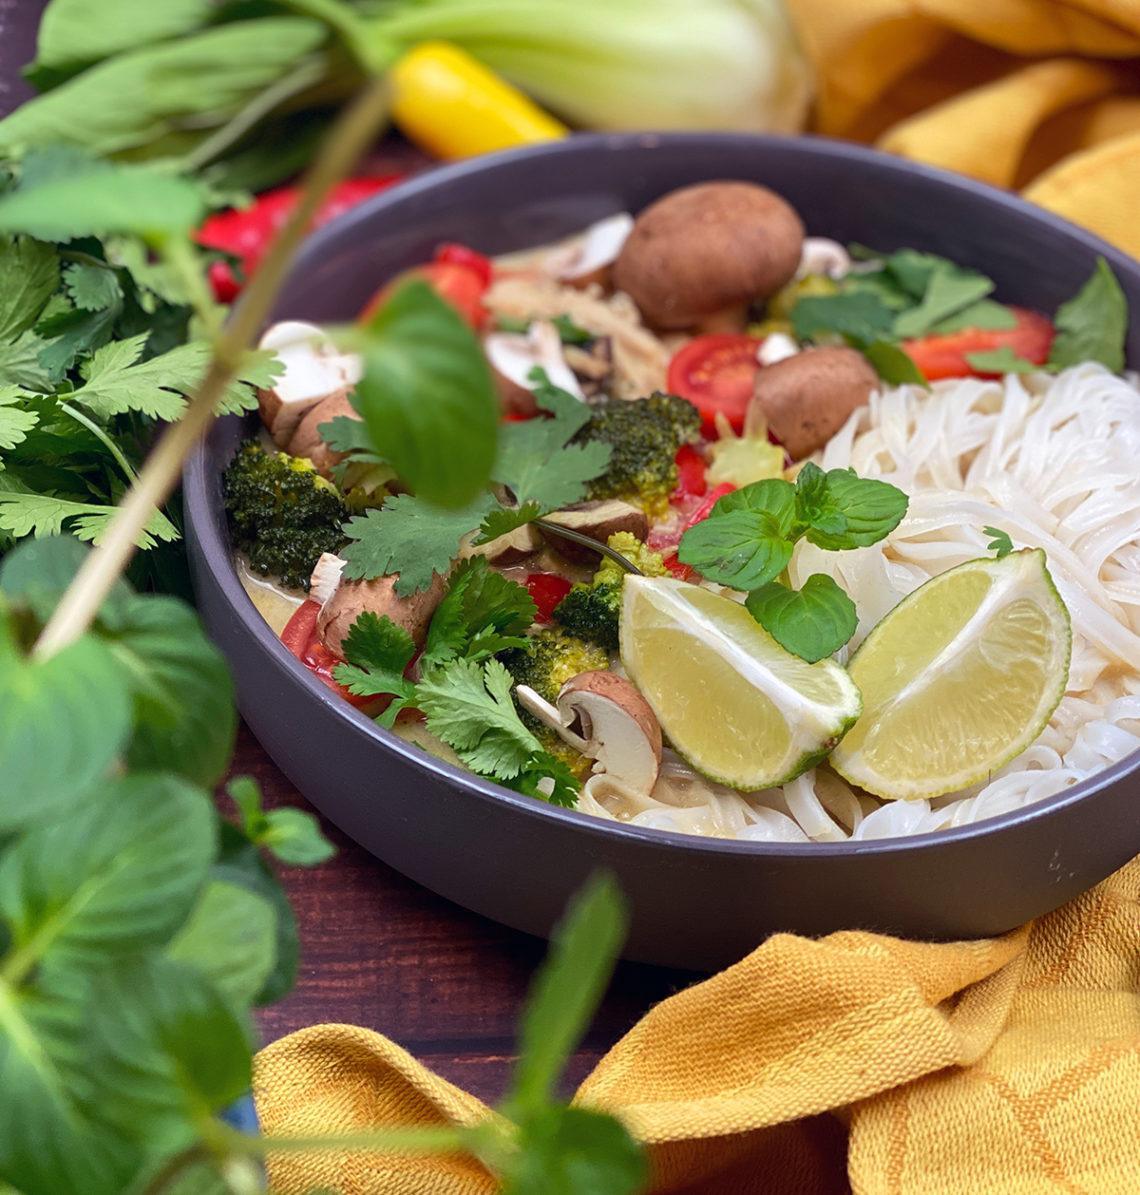 Thai Suppe intro 1140x1195 - Thai Nudelsuppe mit Wohlfühlfaktor